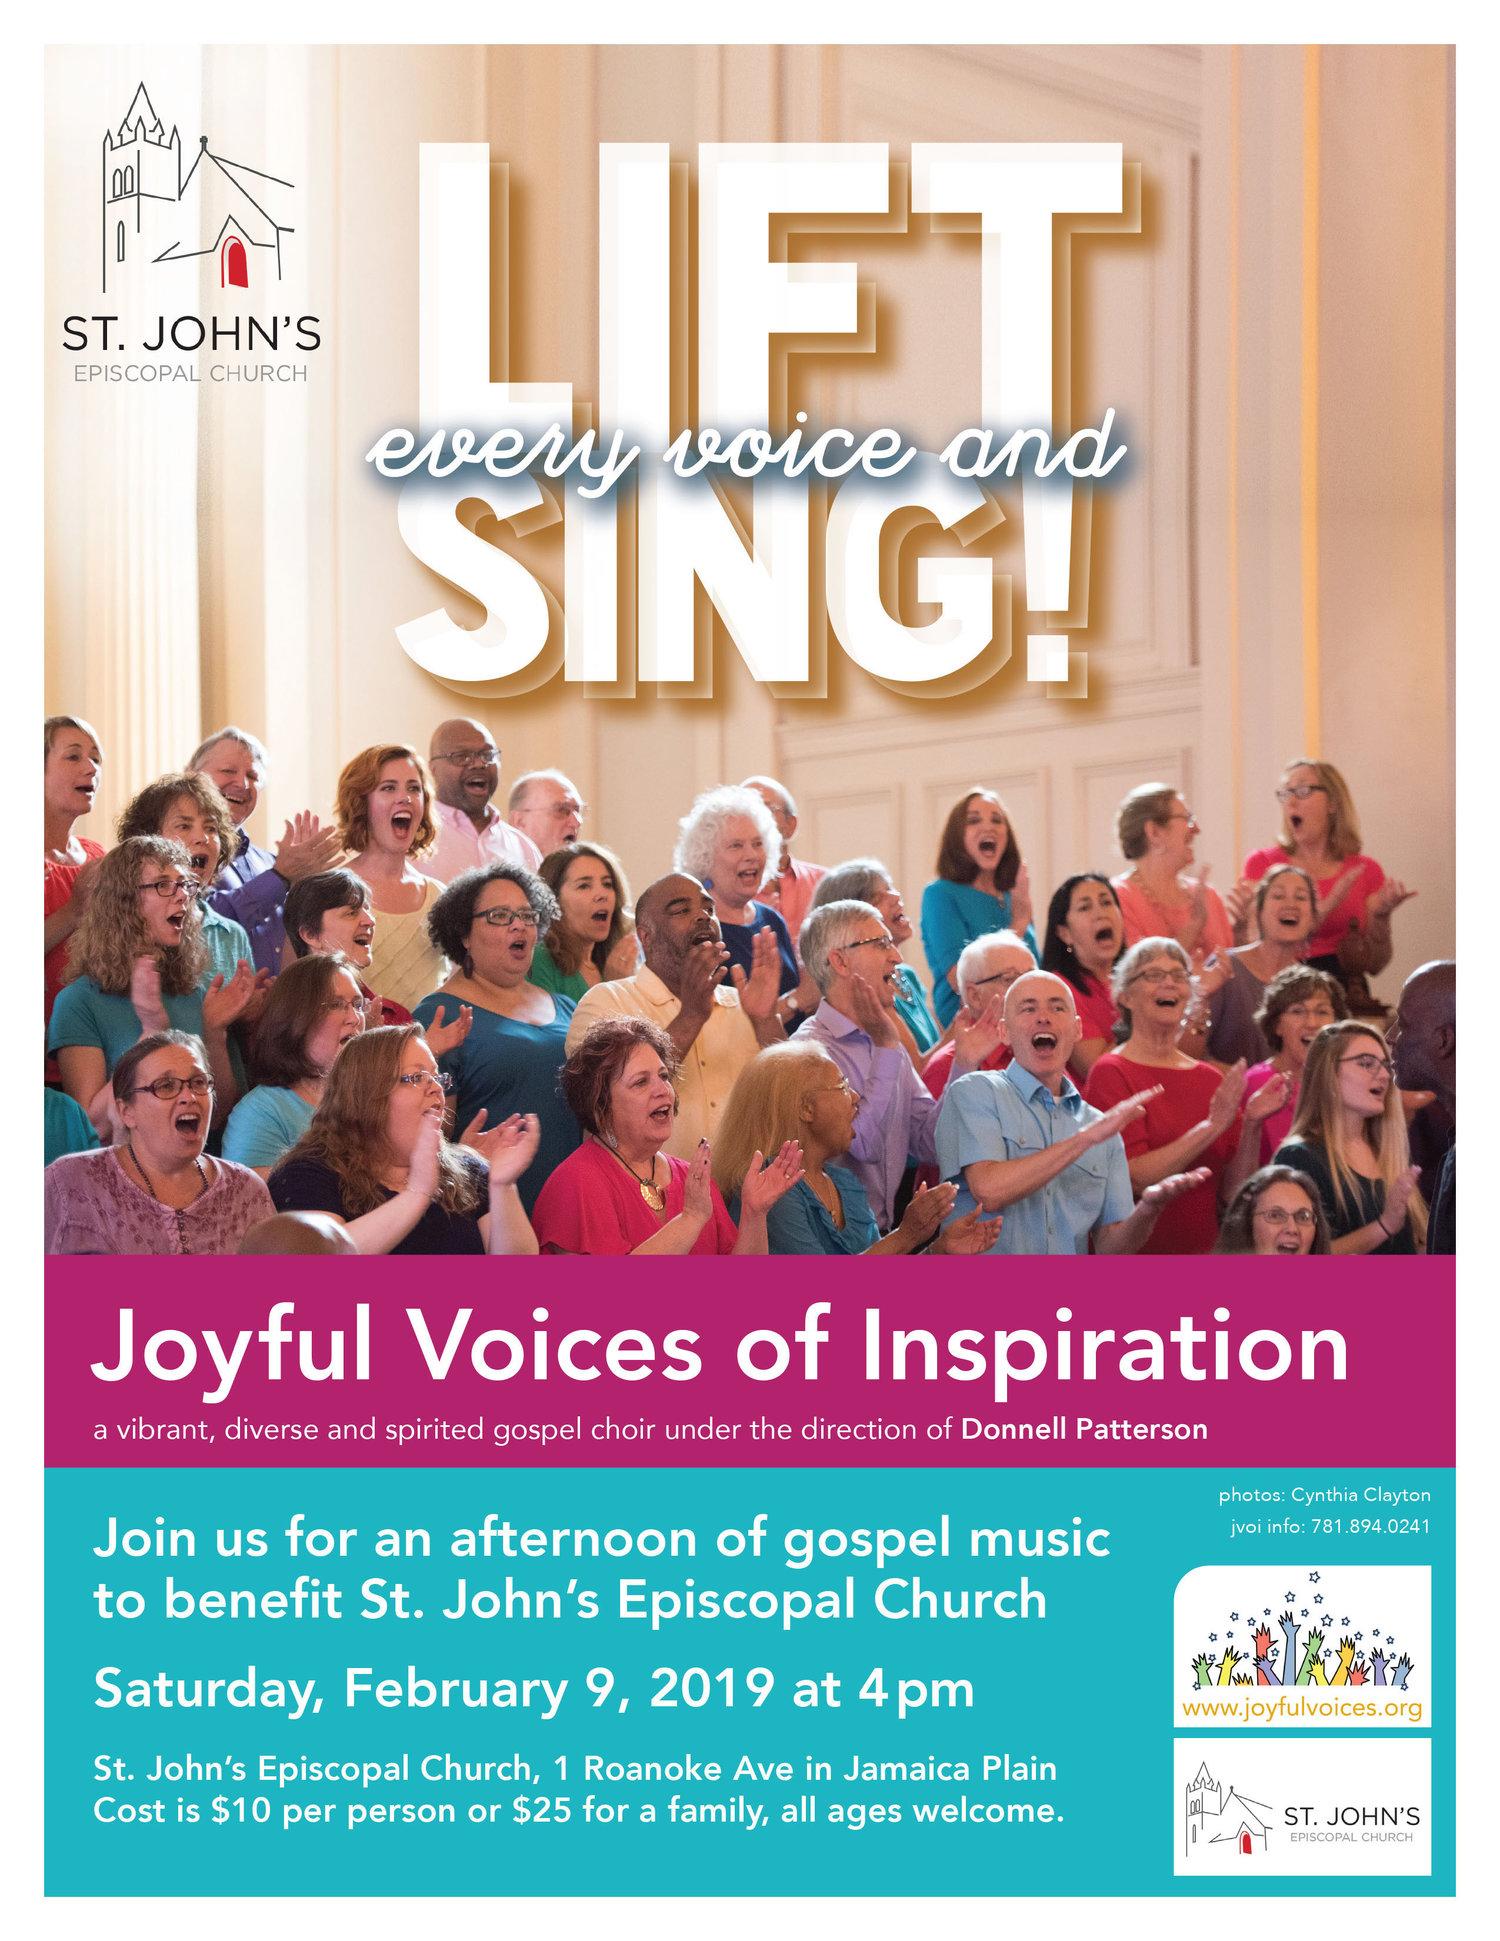 joyful voices